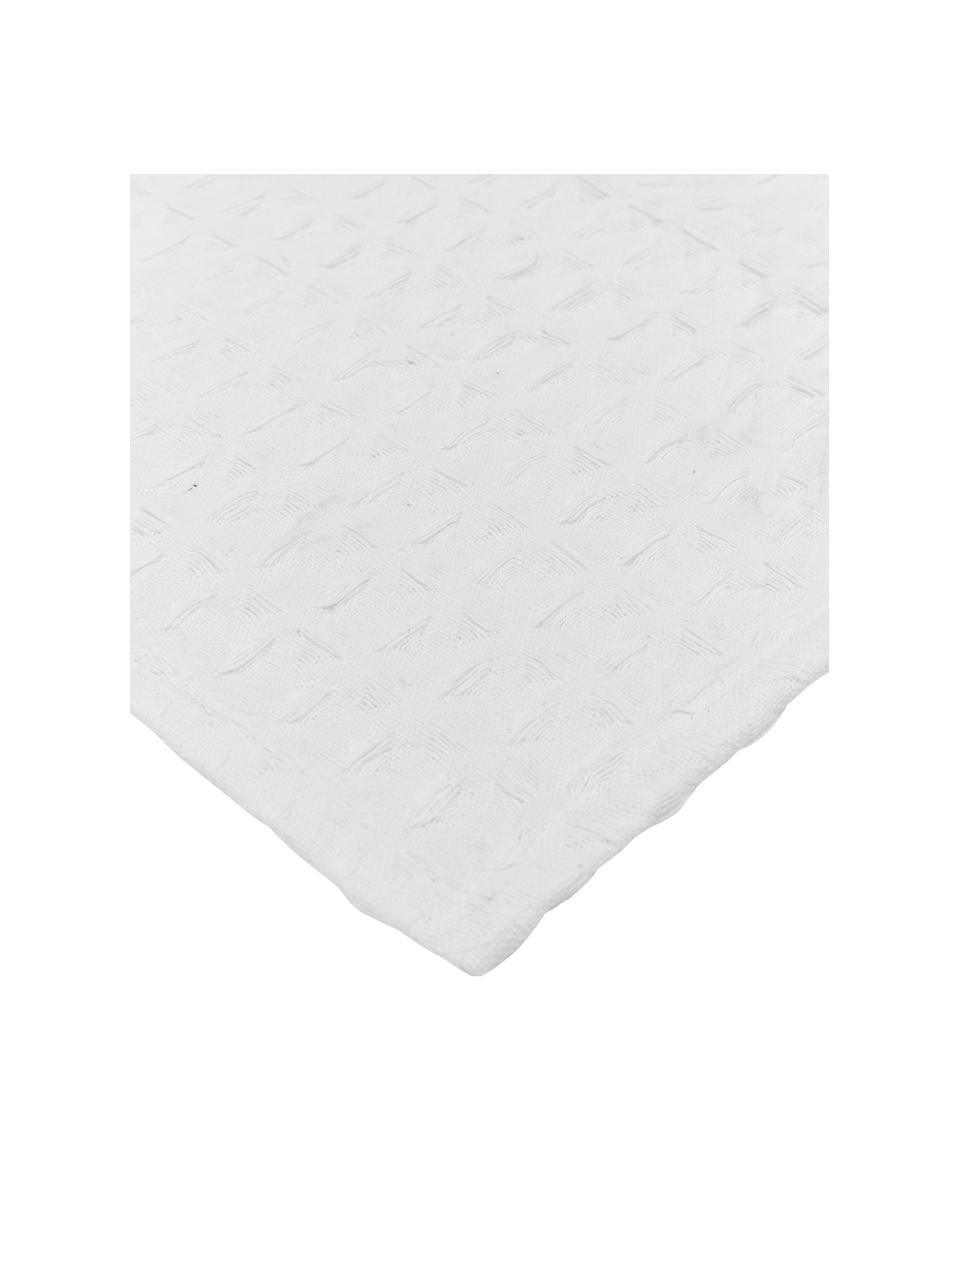 Narzuta z piki Panal, 100% bawełna, Biały, S 240 x D 260 cm